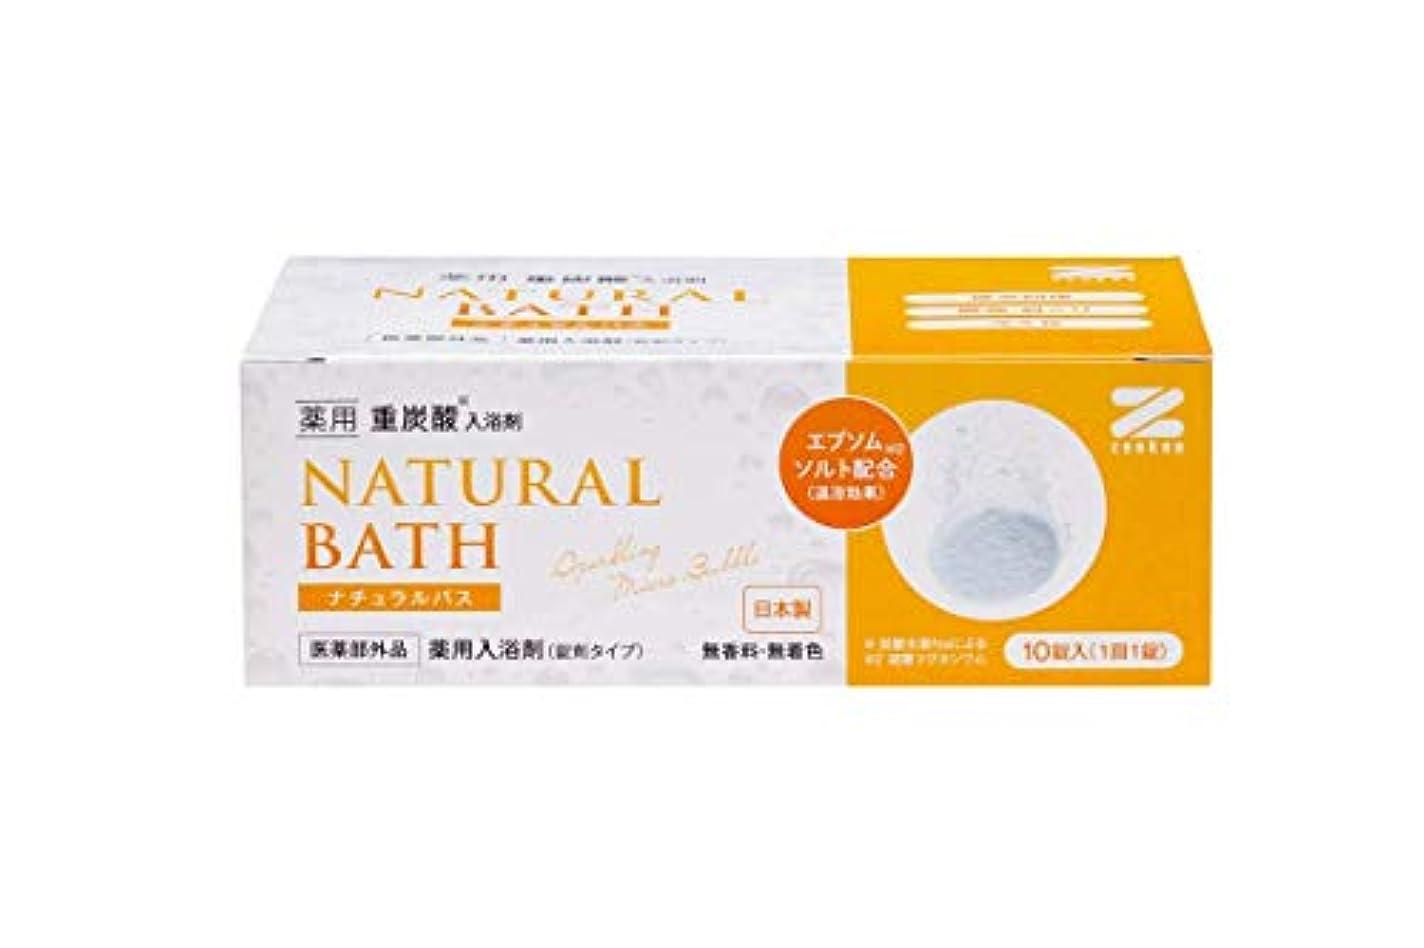 セール自宅で両方【4個セット】薬用 重炭酸入浴剤 ナチュラルバス 10個入